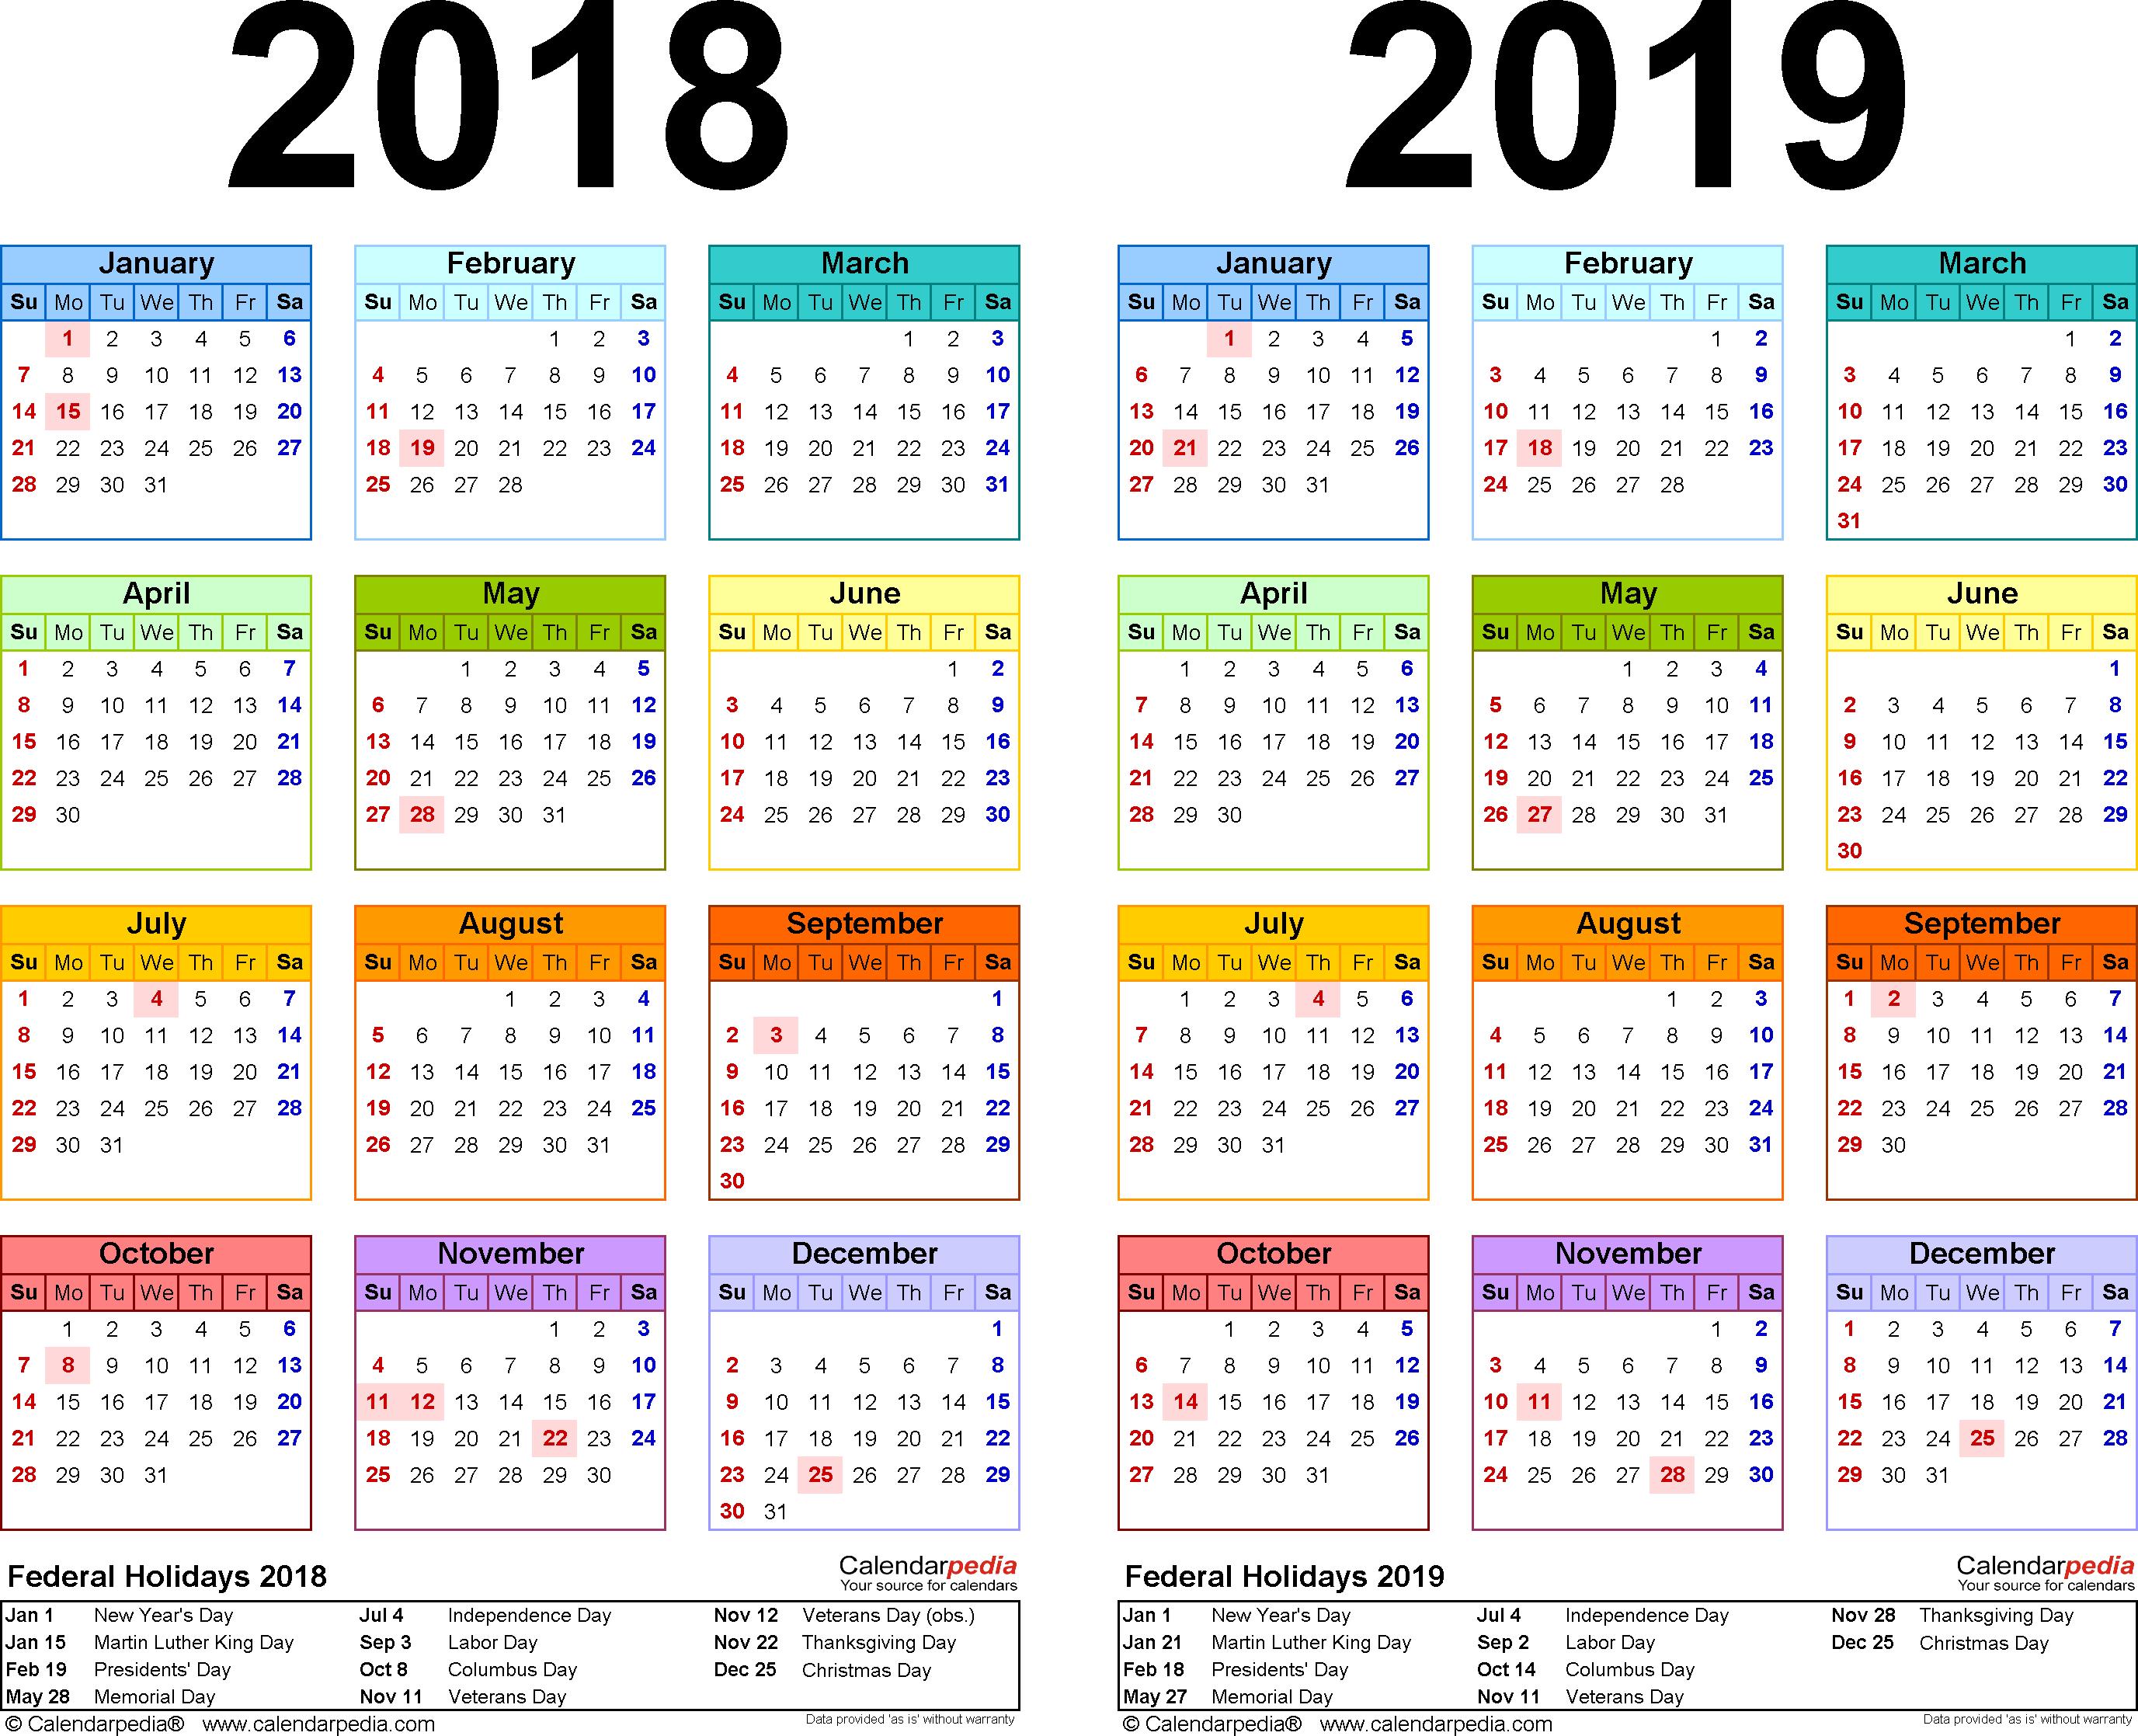 Zile Libere 2019: Guvernul Va Anunţa Când Se Fac Calendar 2019 Zile Libere